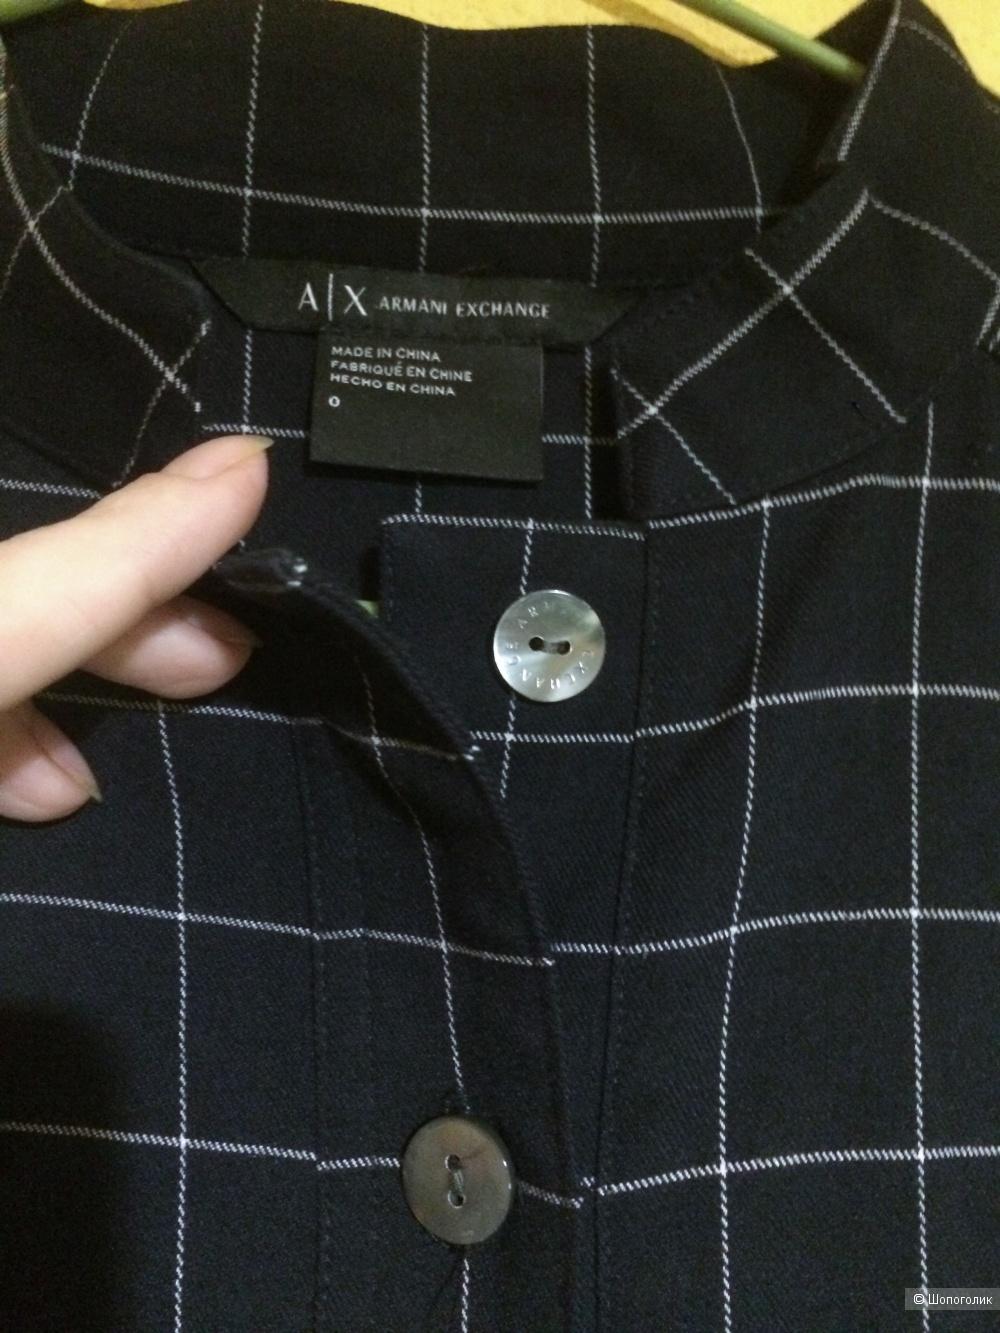 Комбинезон A|X Armani Exchange, 40-42 рр